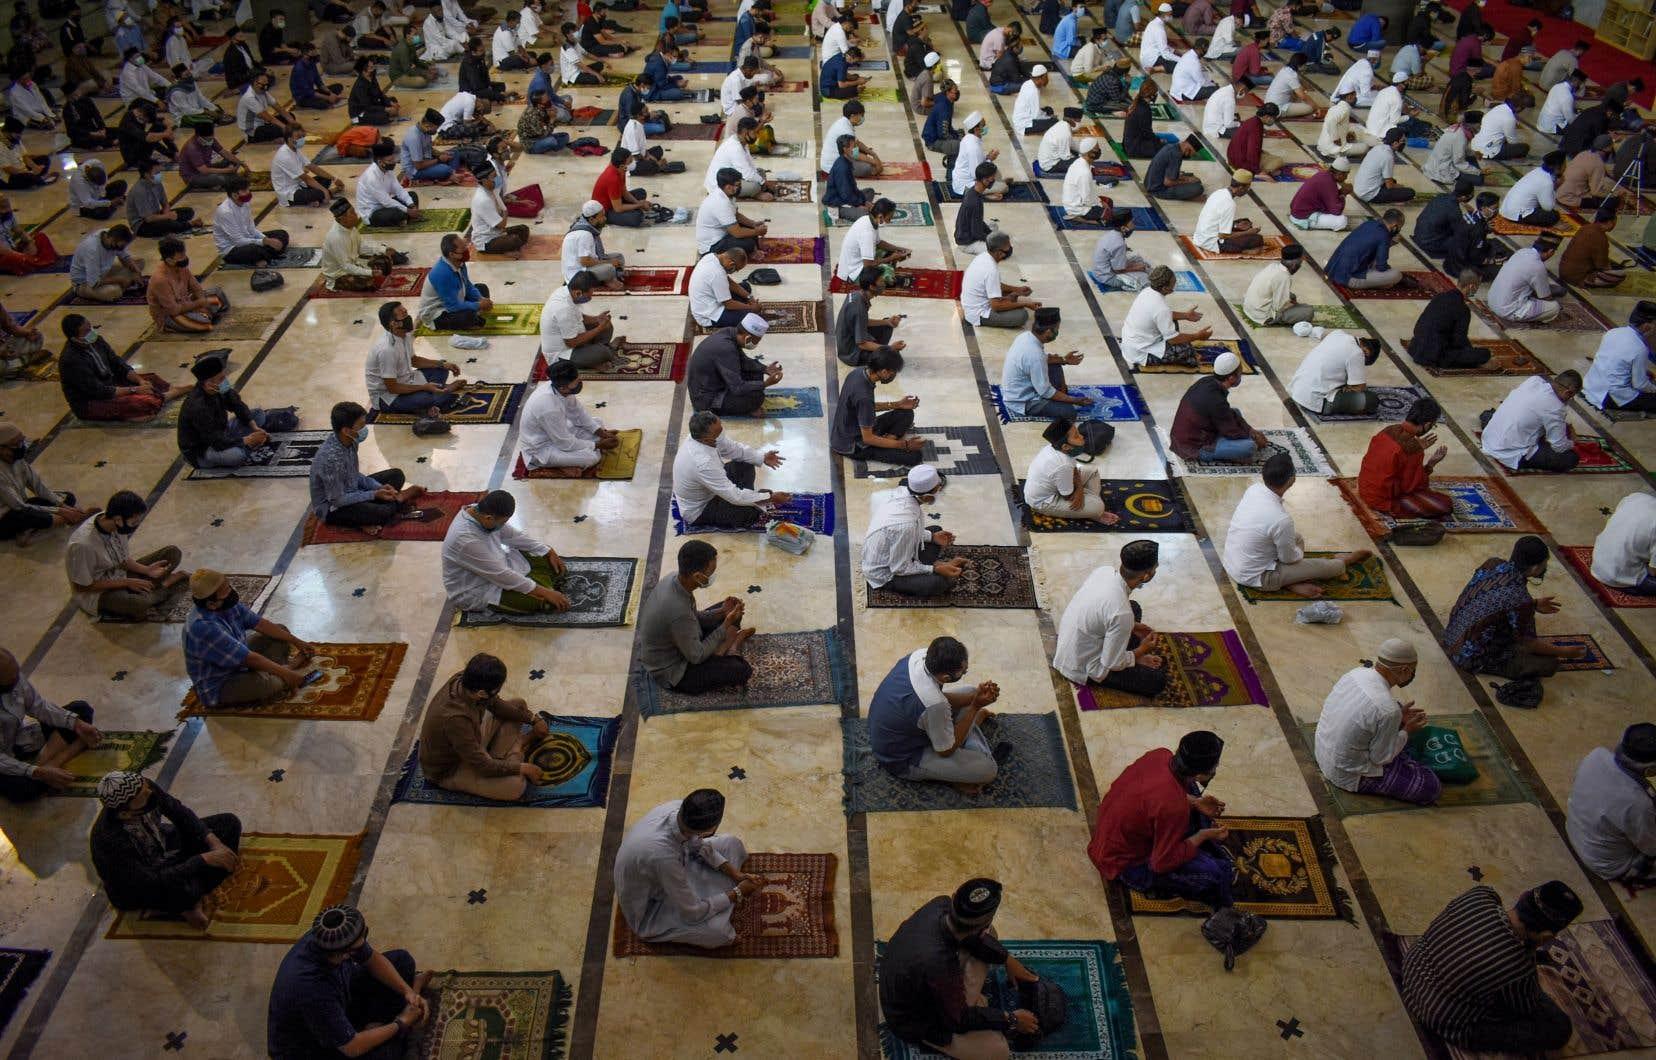 Les musulmans du monde entier ont dû célébrer l'Aïd al-Adha en respectant la distanciation sociale. Sur la photo, des fidèles prient à Bandung, en Indonésie.